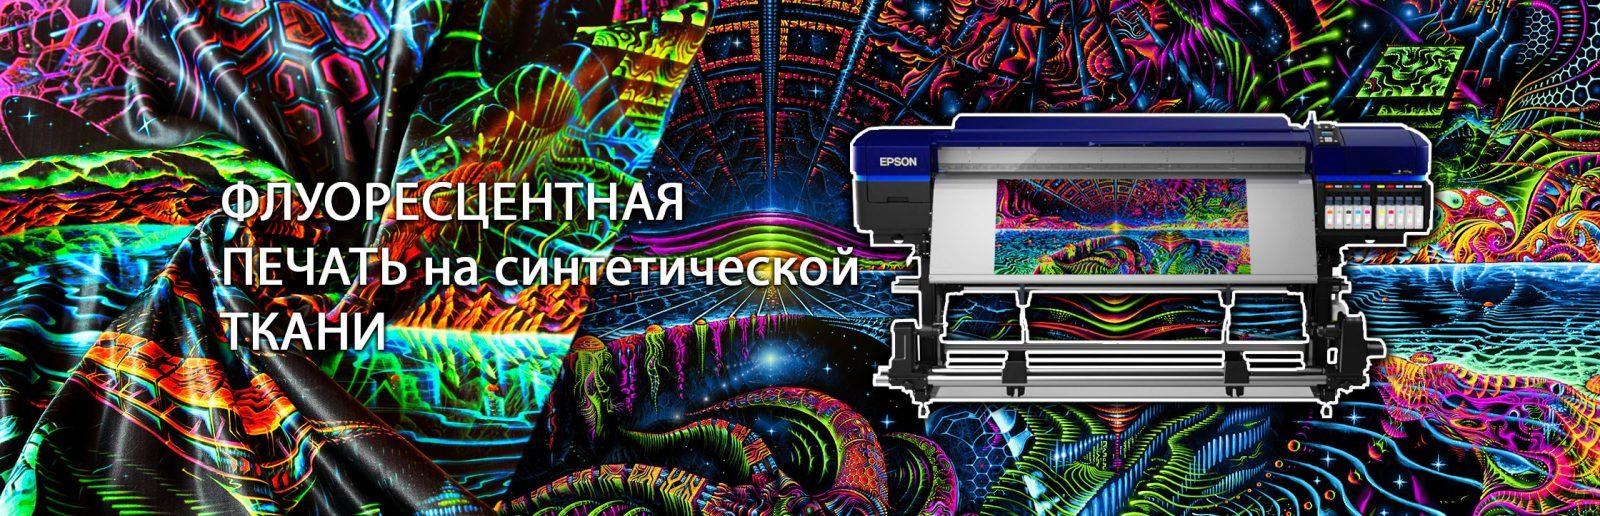 Флуоресцентная печать на ткани